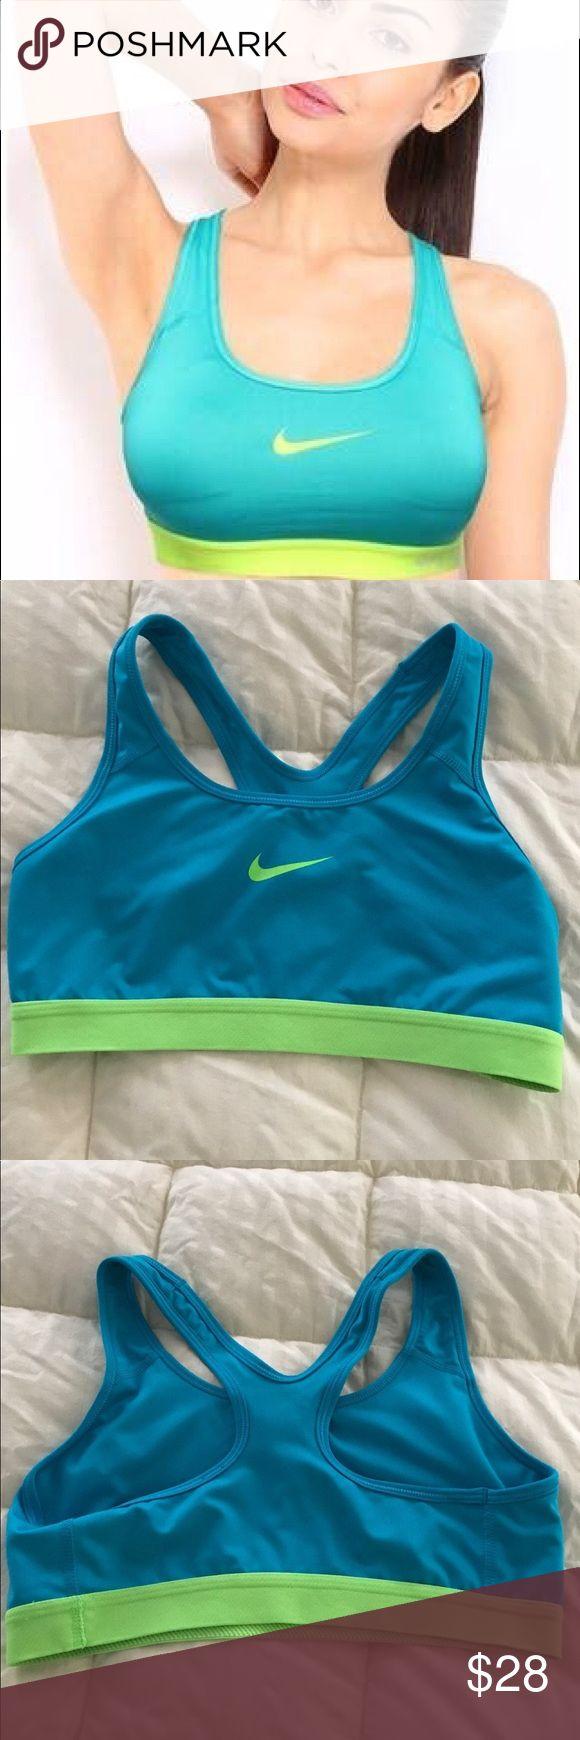 NWOT Nike Teal and Lime Logo Sports Bra M Sports bra